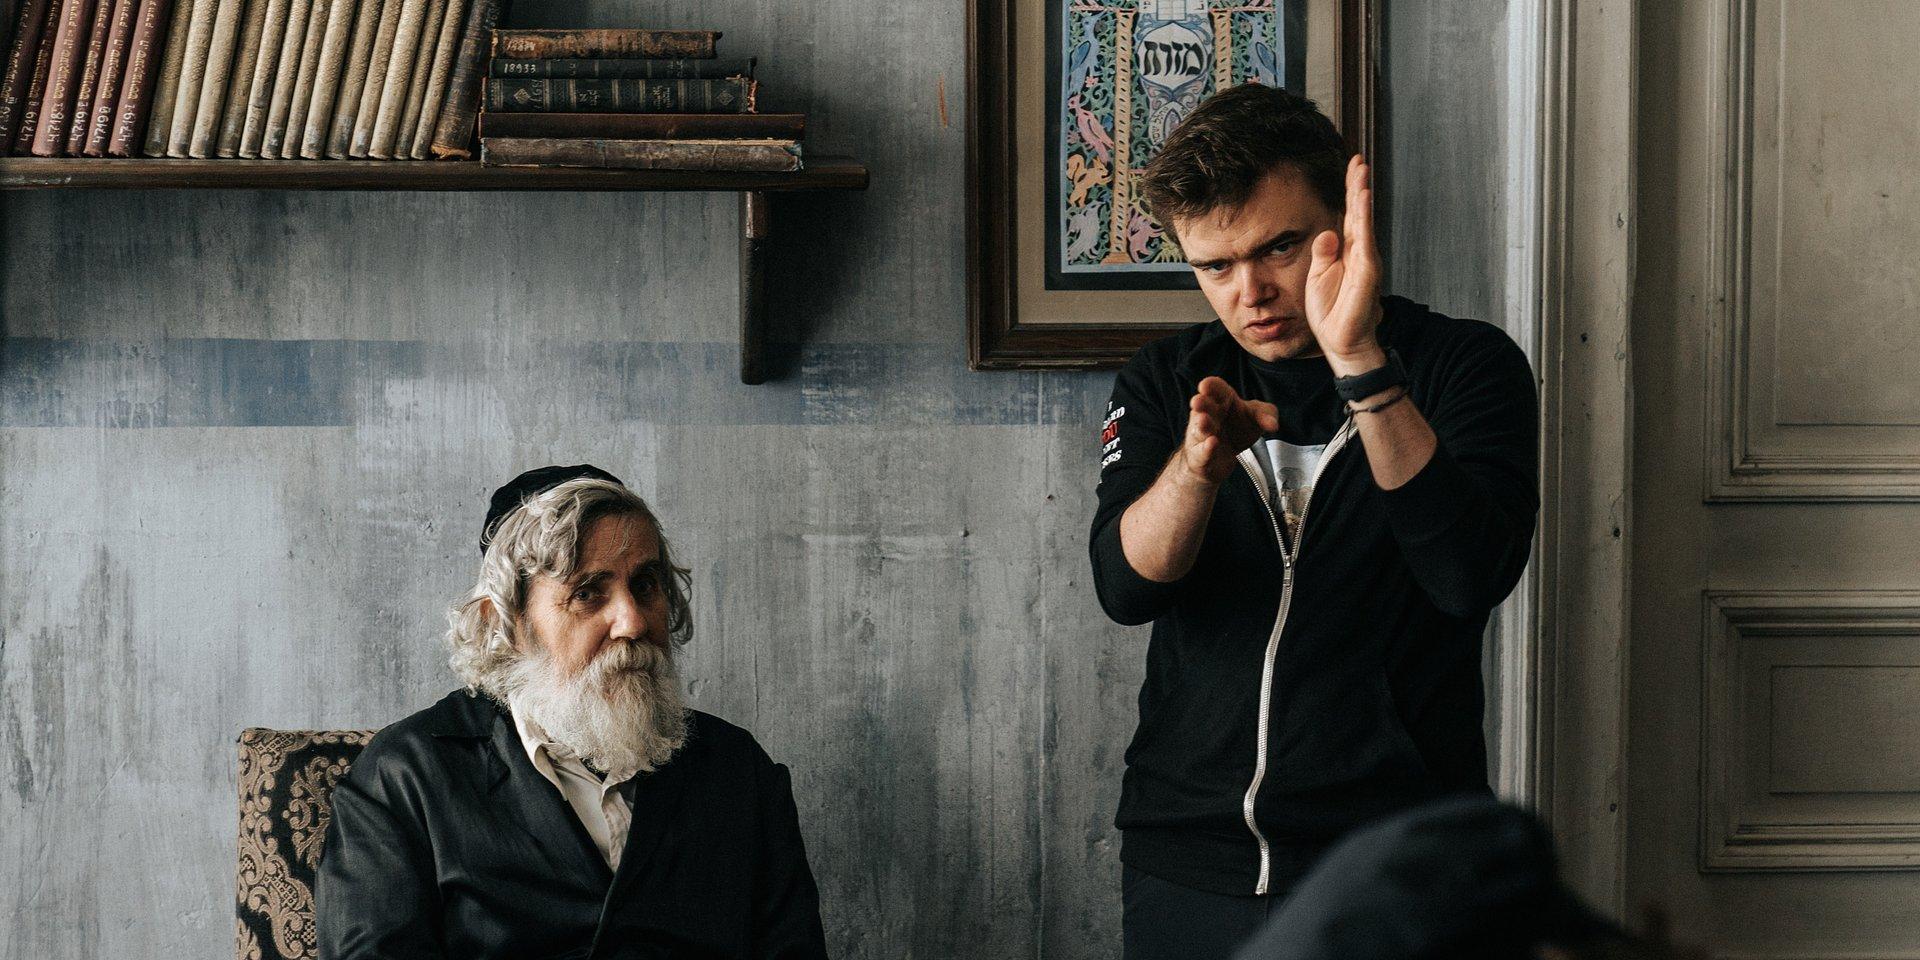 KRÓL: Jan P. Matuszyński o pierwszej scenie serialu